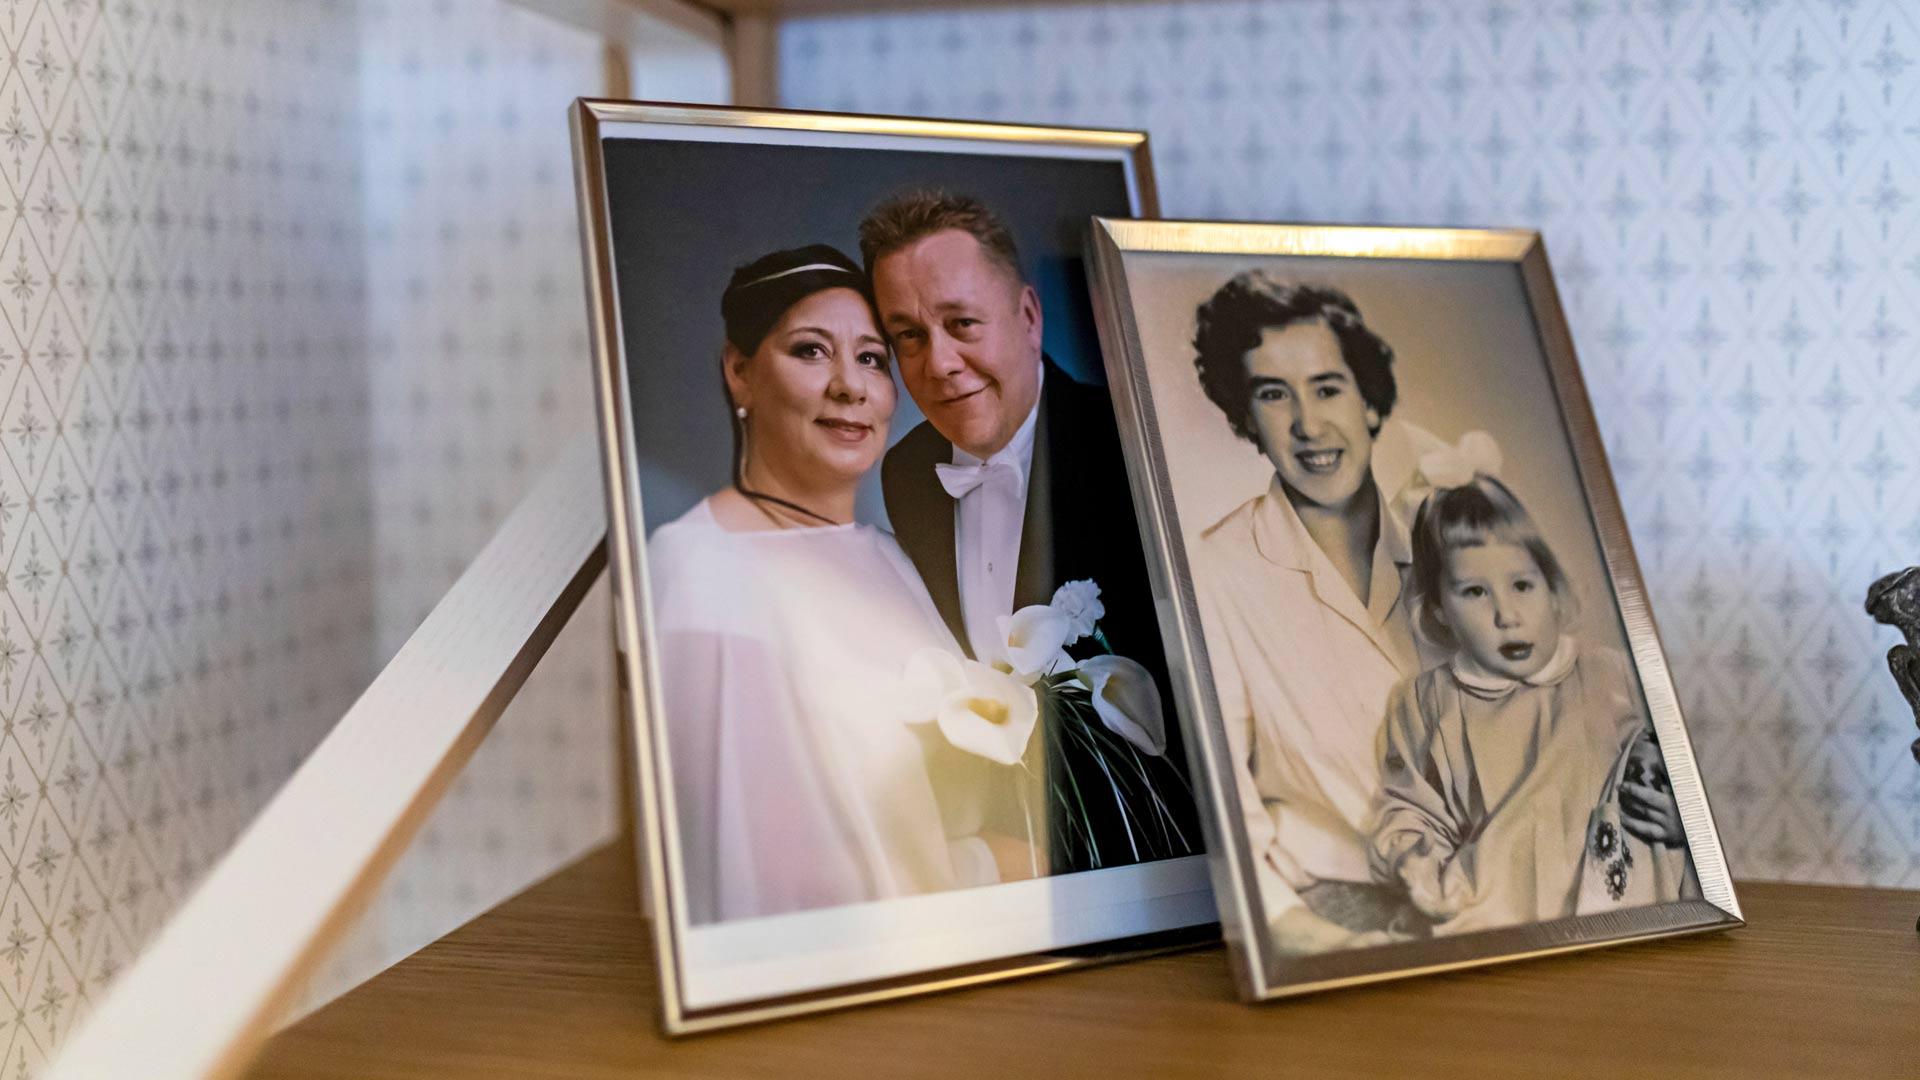 Armin ja Pertin hääkuvan vieressä on kuva, jossa nelivuotias Armi on äitinsä kanssa.